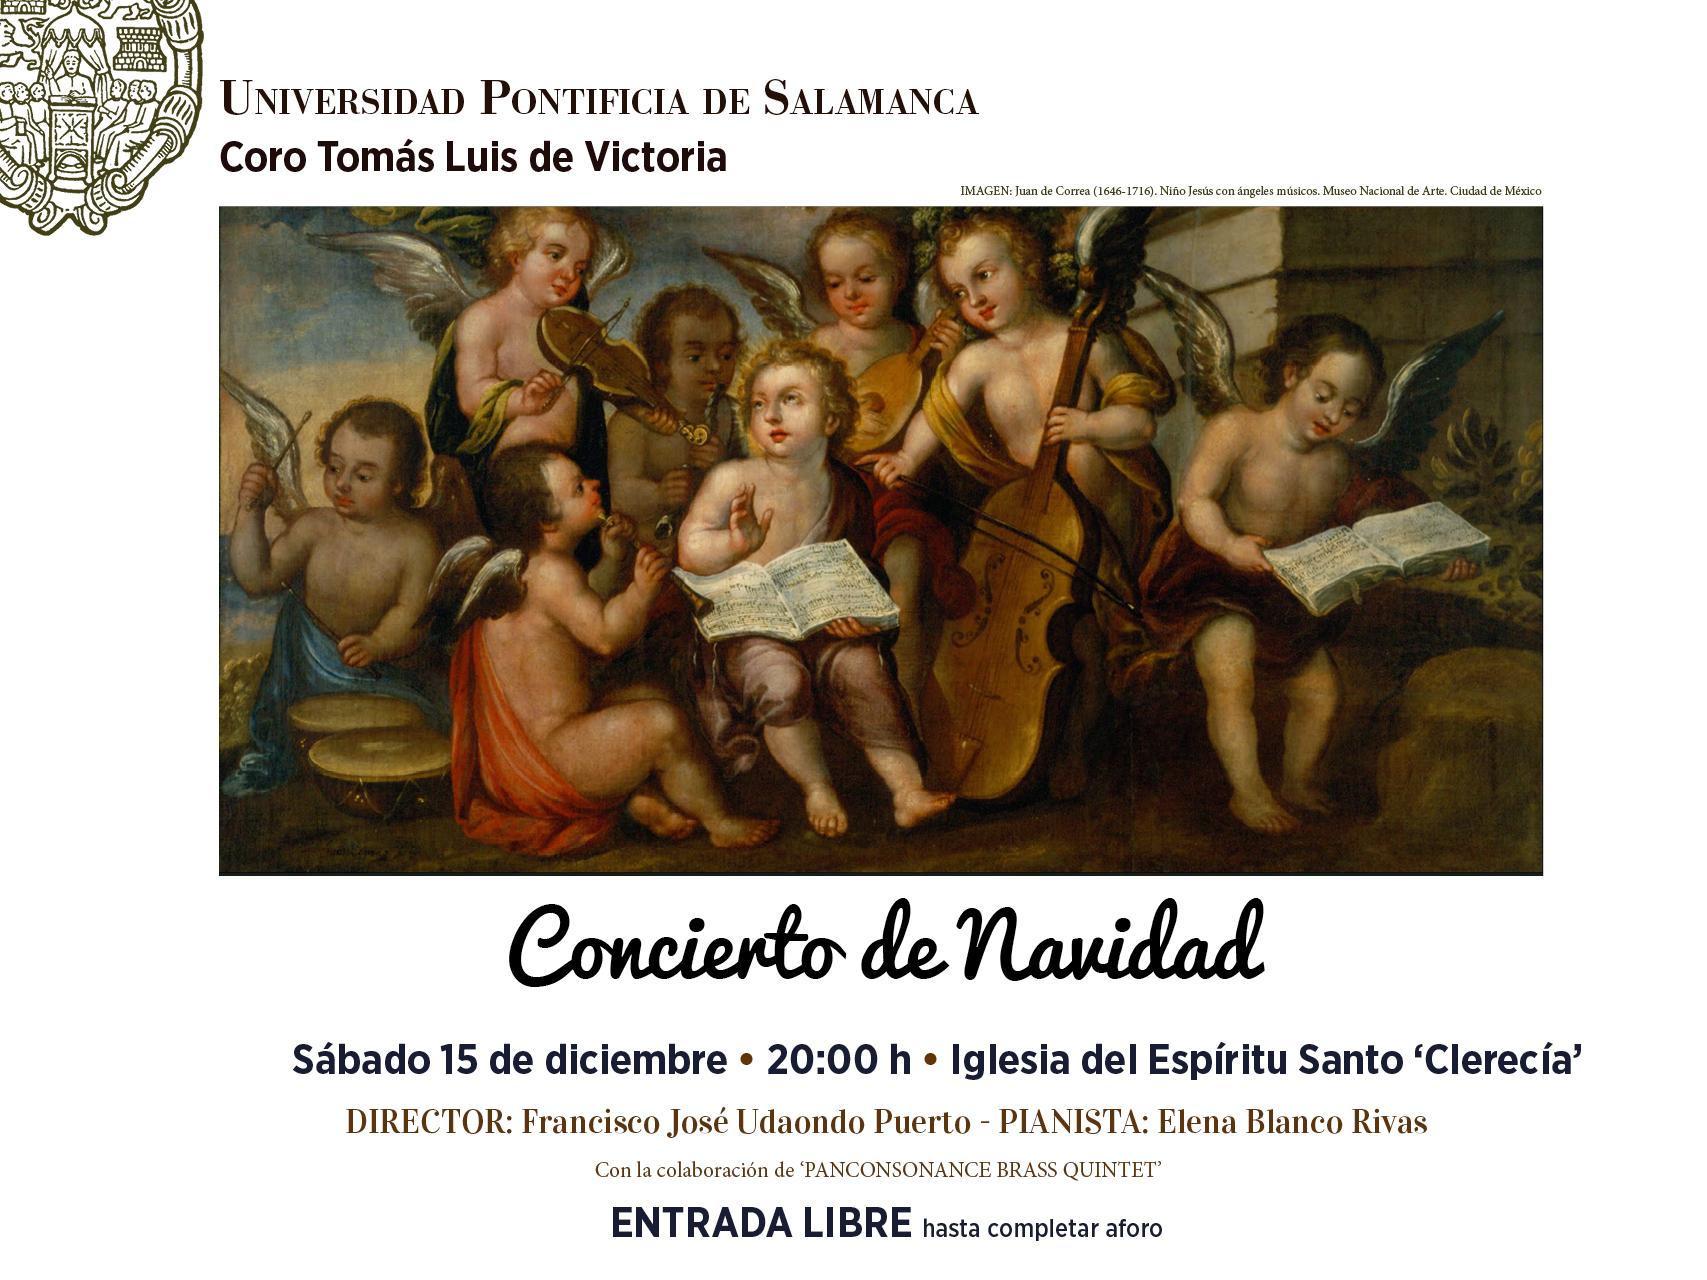 El Coro Tomás Luis de Victoria ofrece su tradicional Concierto de Navidad